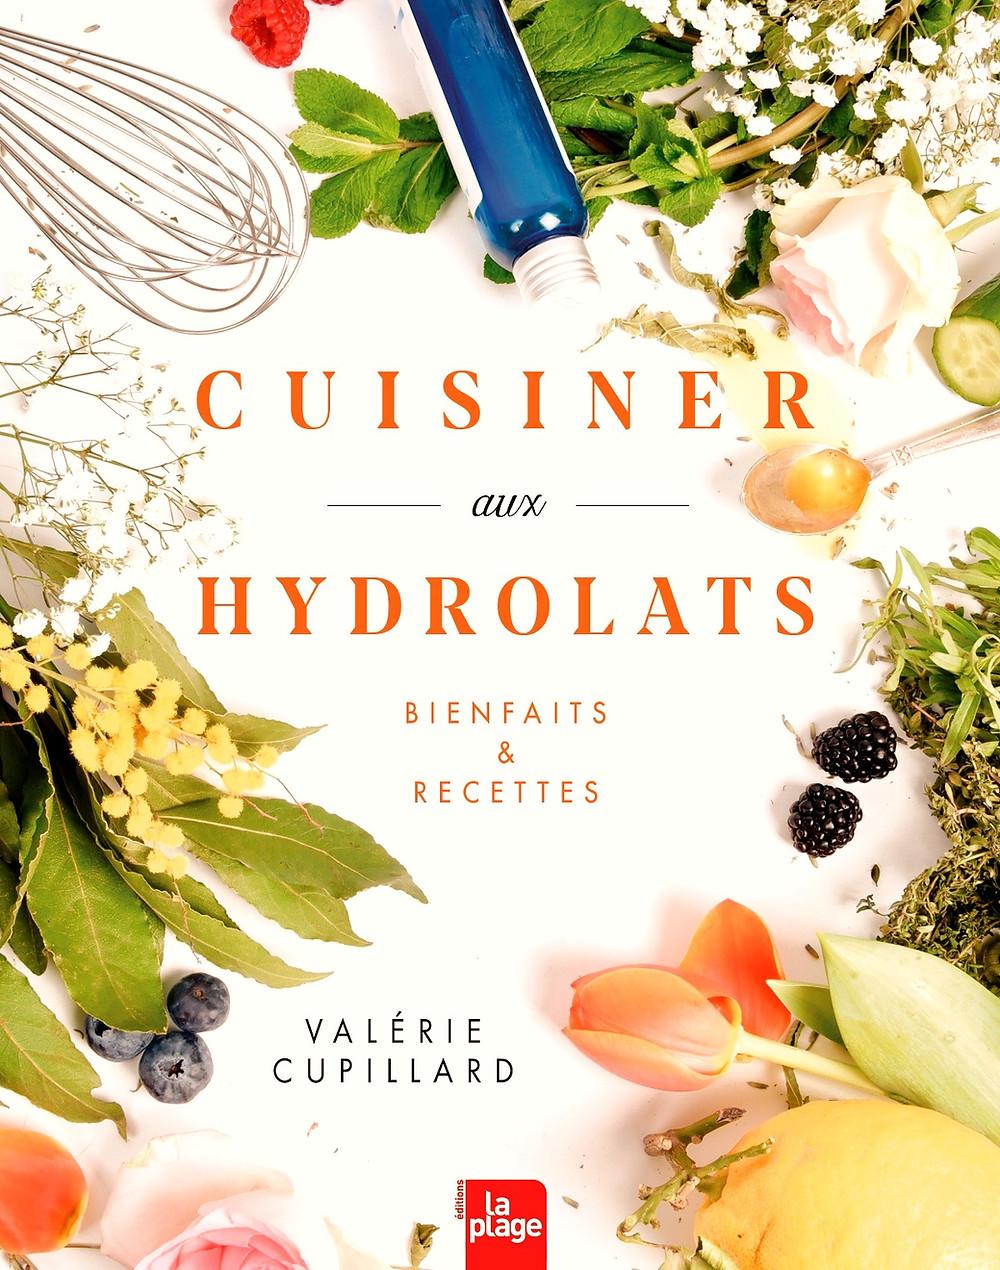 Livre Cuisiner aux hydrolats - Auteur Valérie Cupillard - Editions La Plage